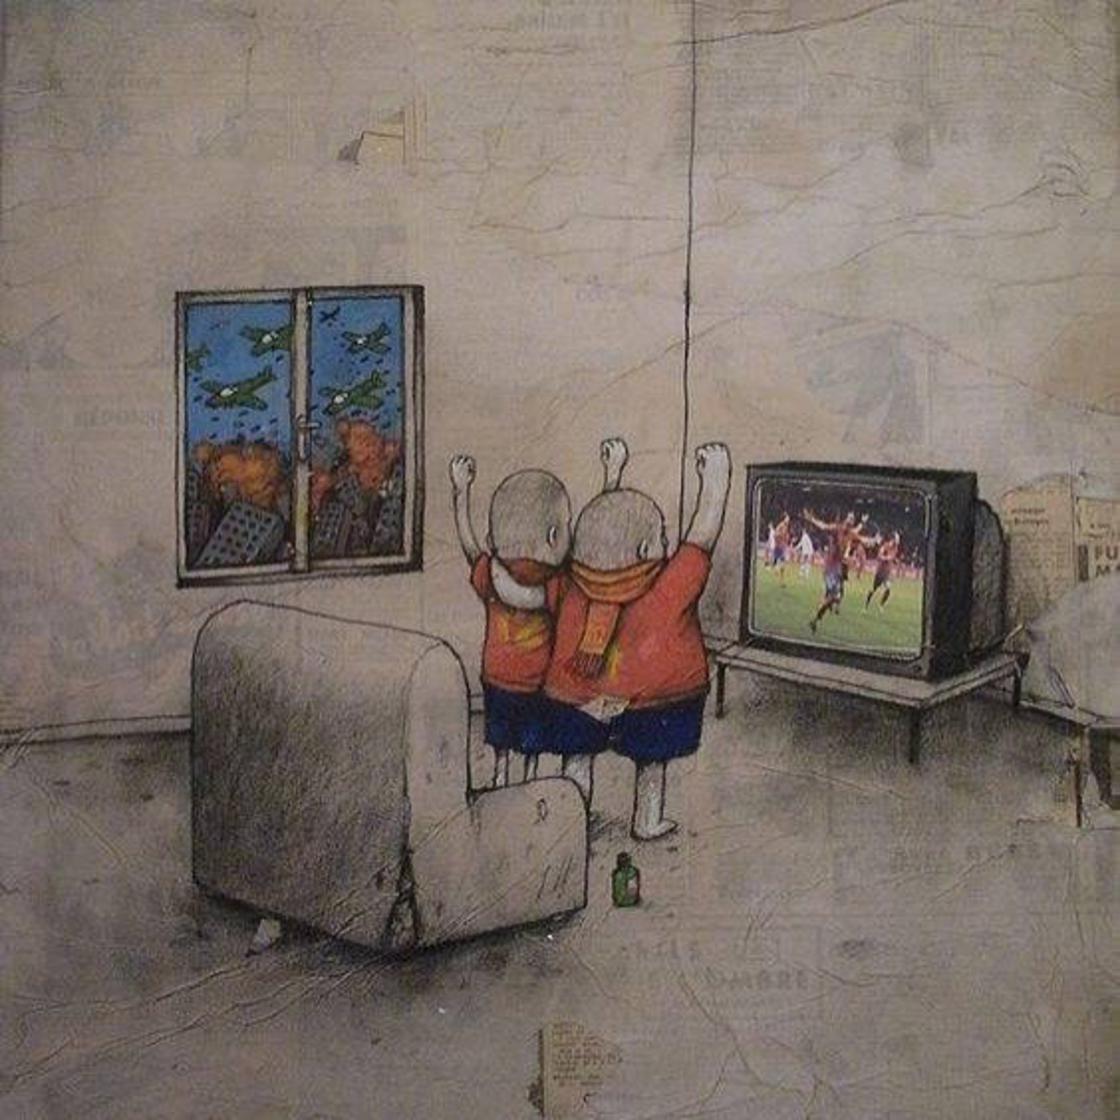 Sarcasme et Nostalgie – Plongez dans l'univers torture de DRAN